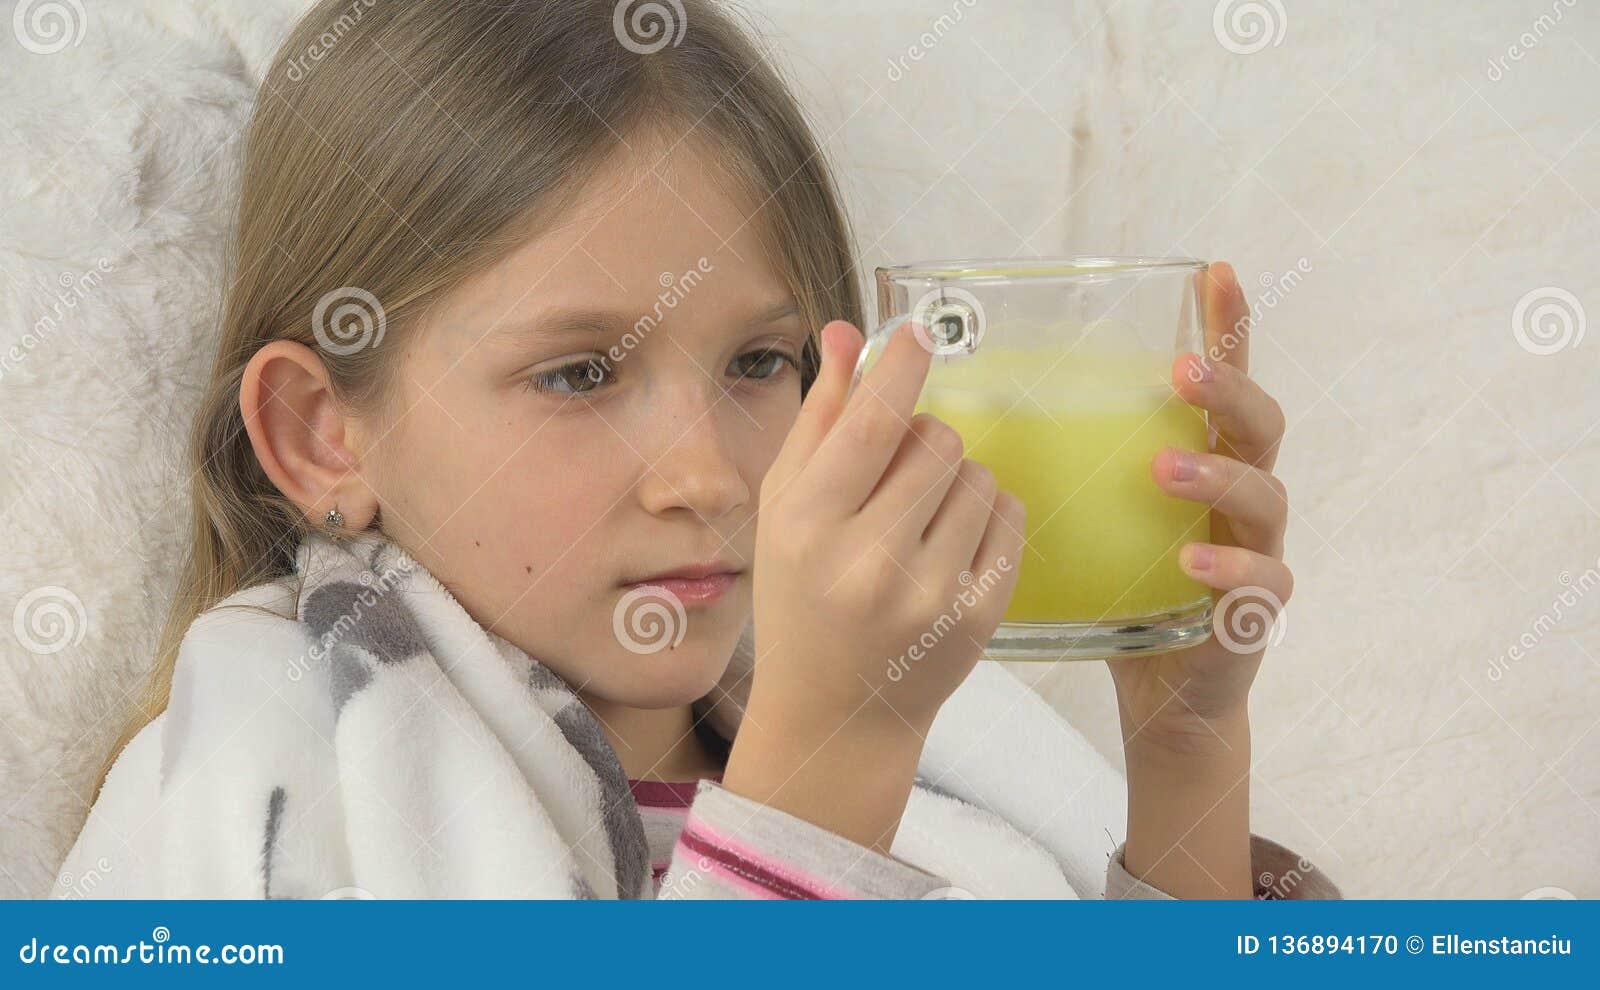 病态的童颜饮用的药物,哀伤的不适的女孩,与药剂,沙发的孩子画象